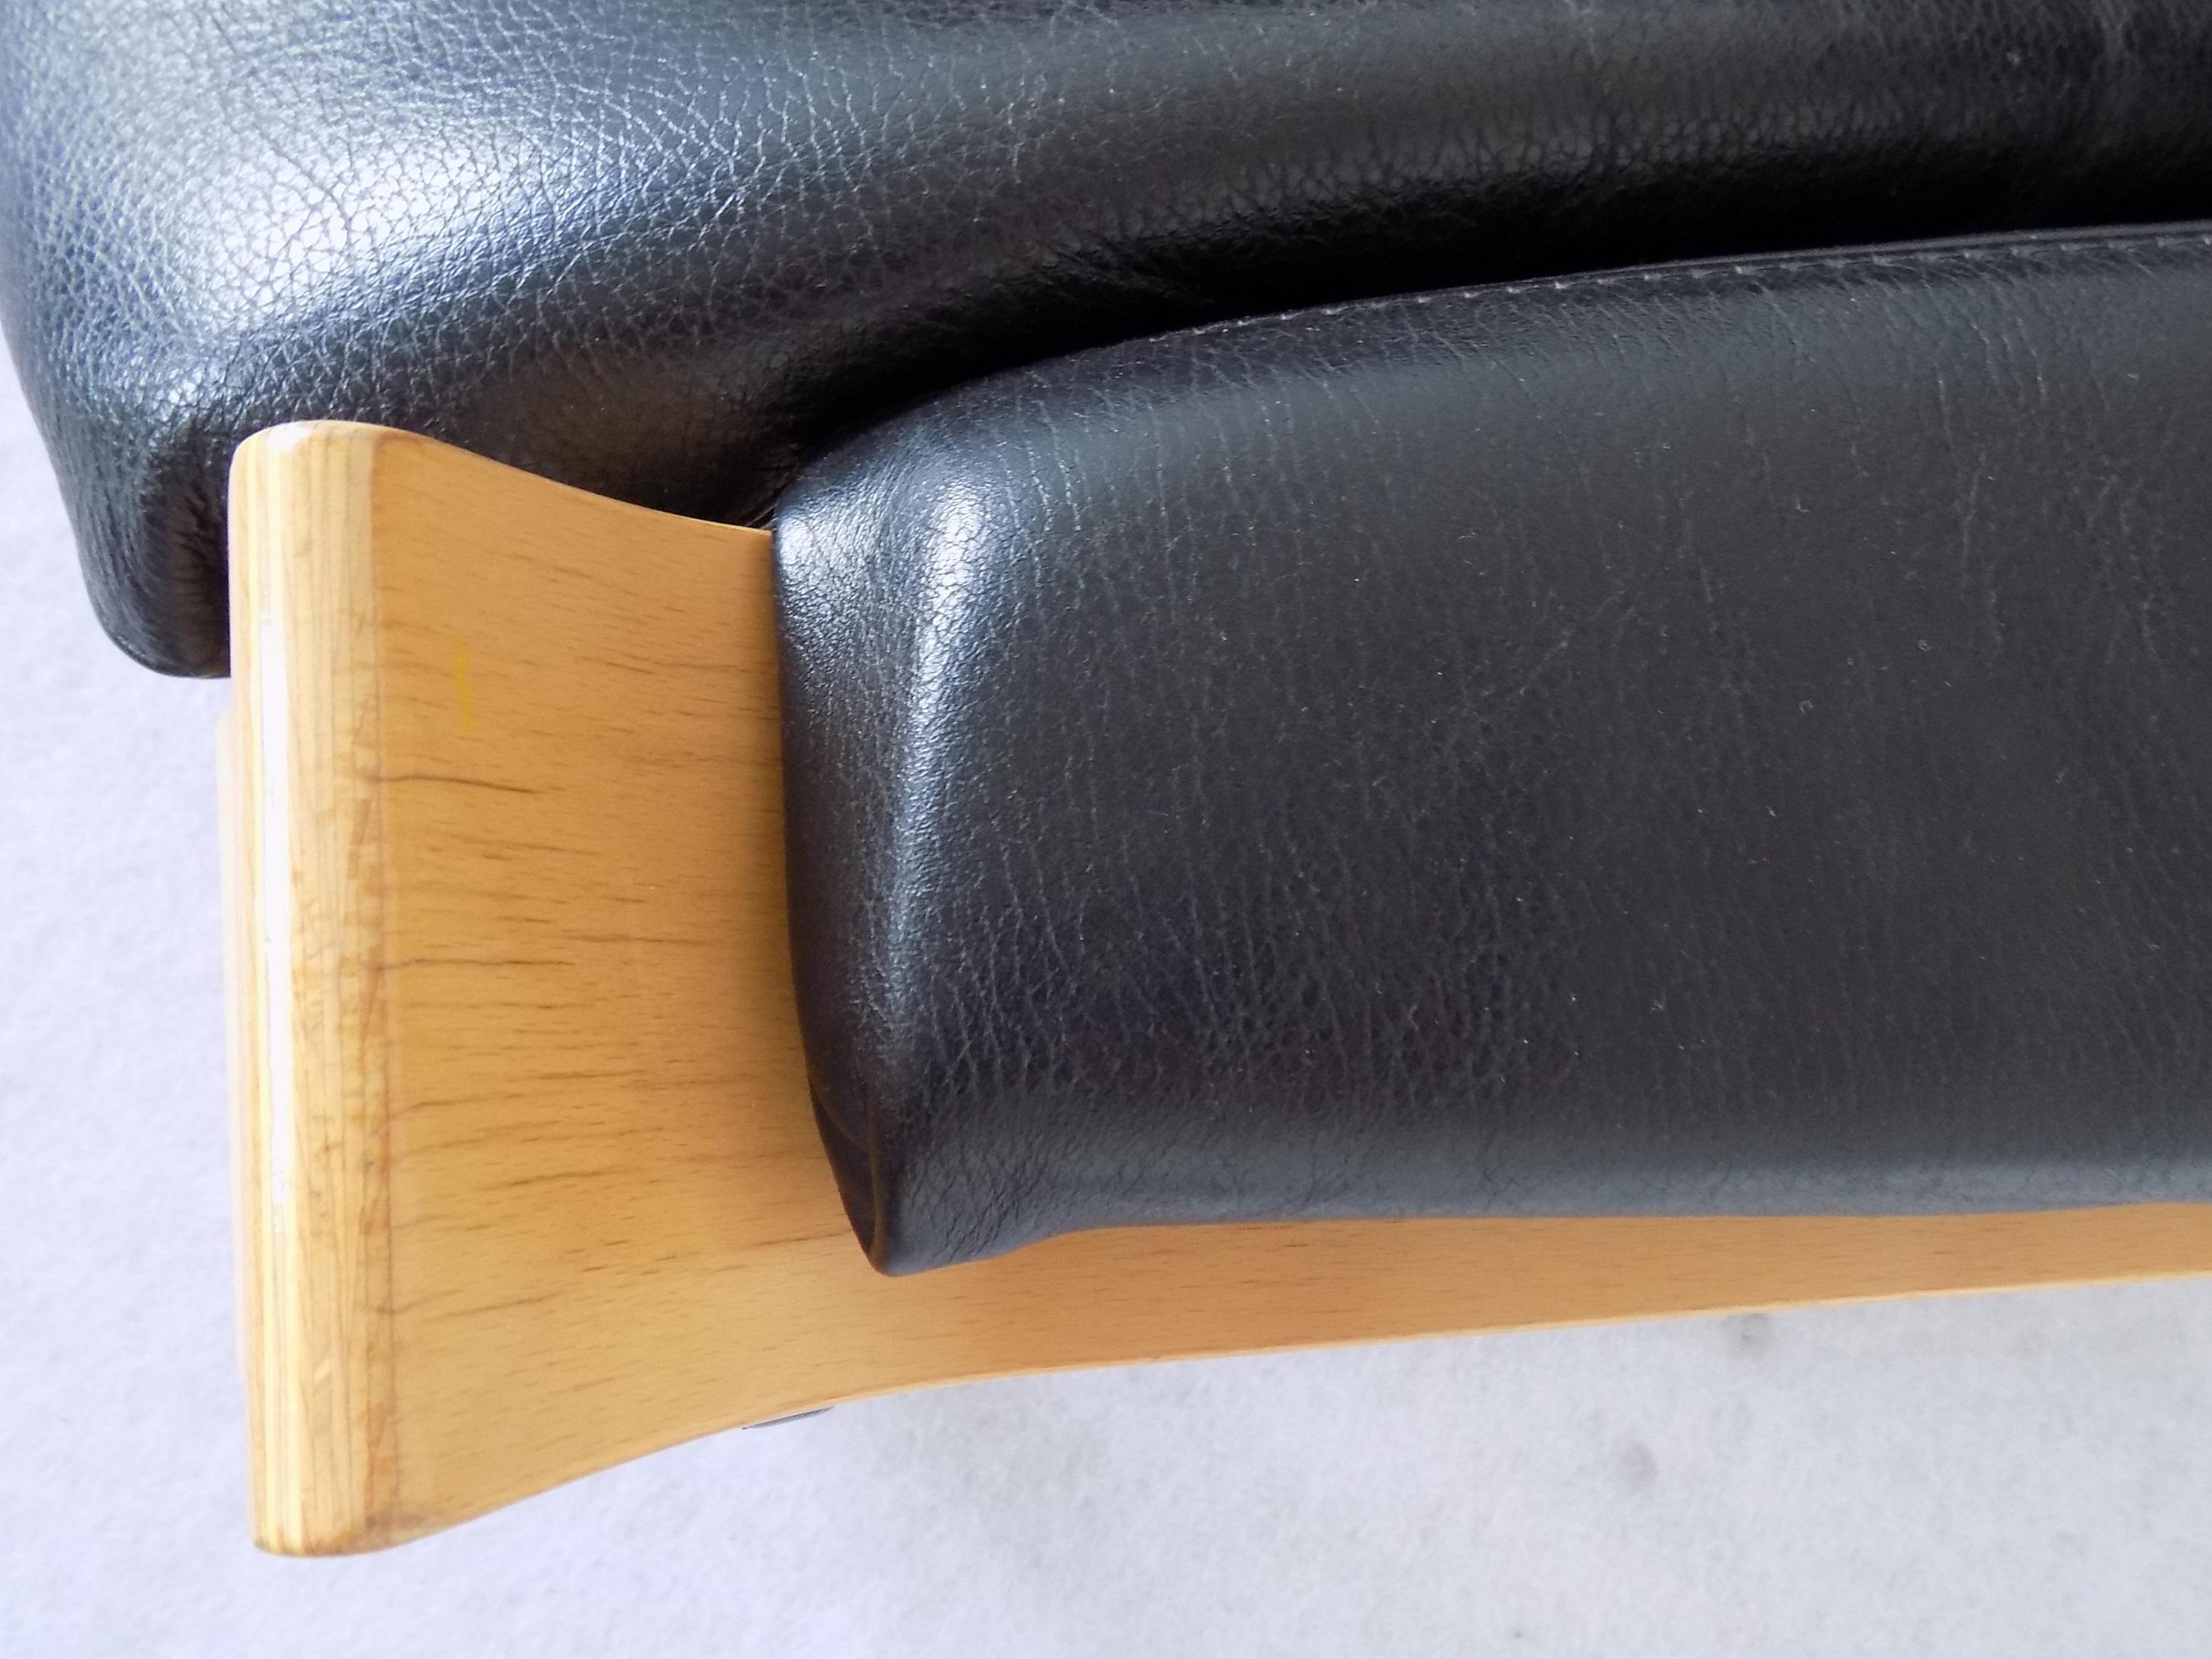 Nelo Kroken Lounge Chair by Ake Frybitter